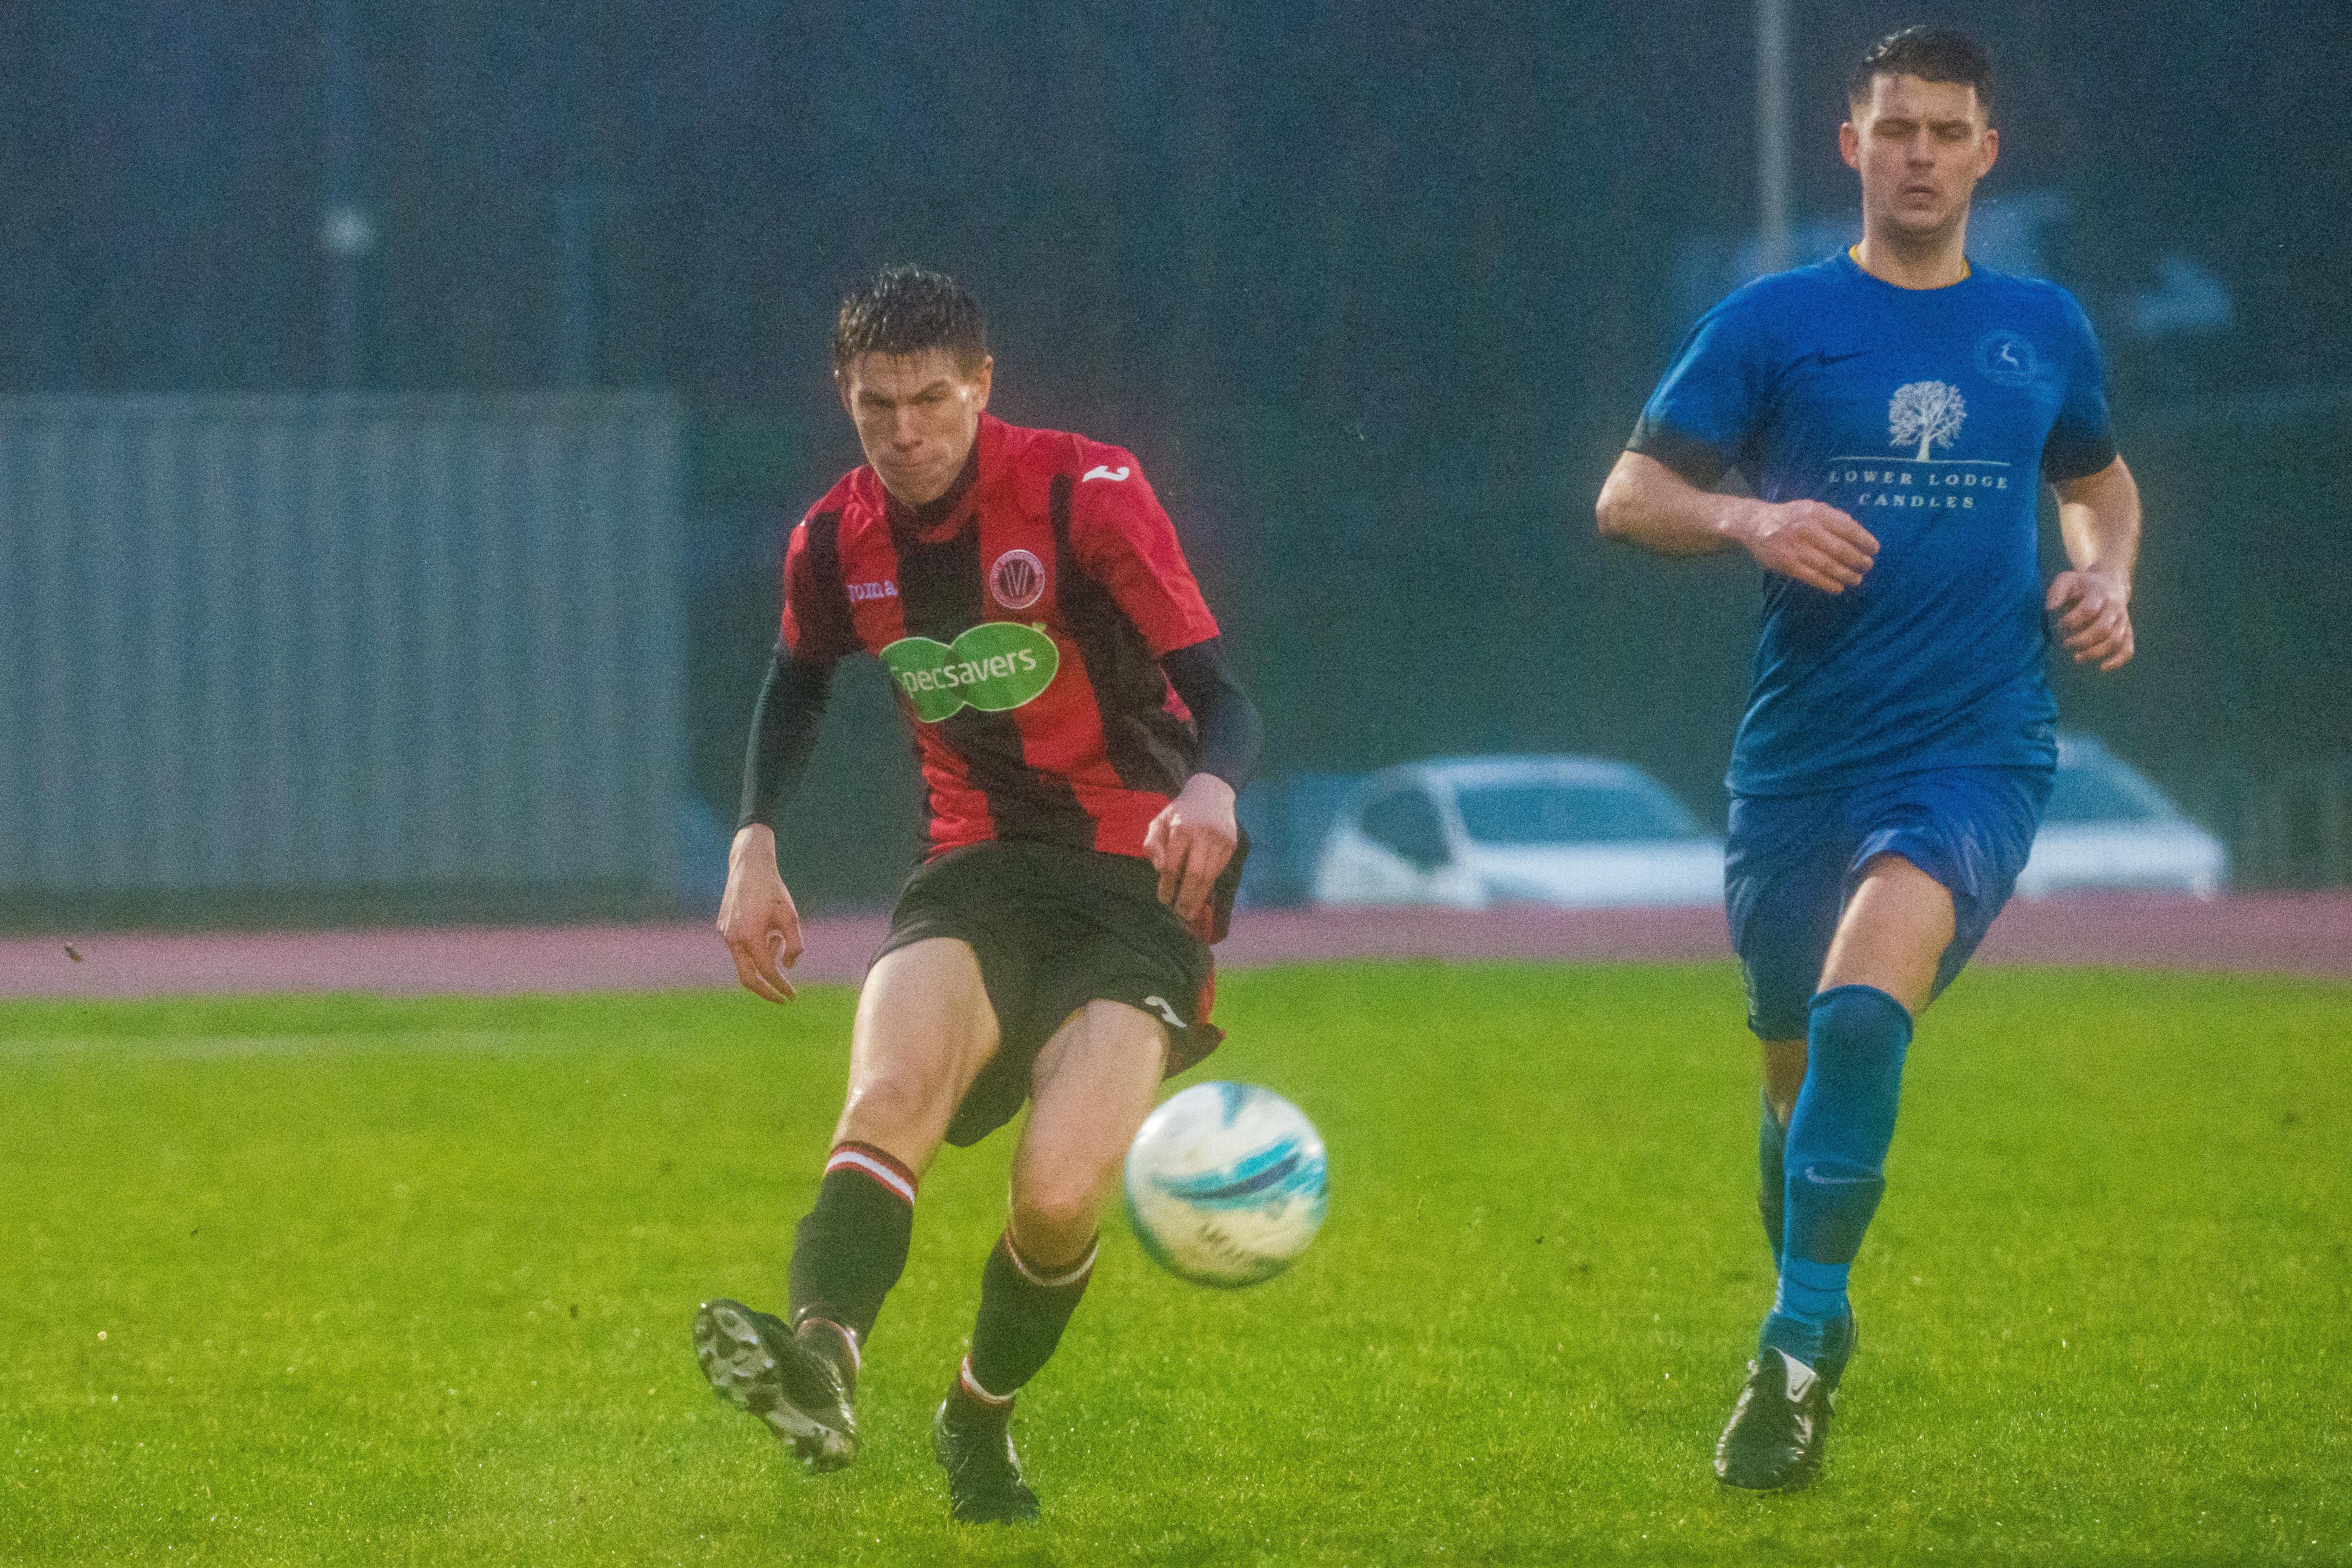 AFC Varndeanians vs Midhurst and Easebourne 27.01.18 66